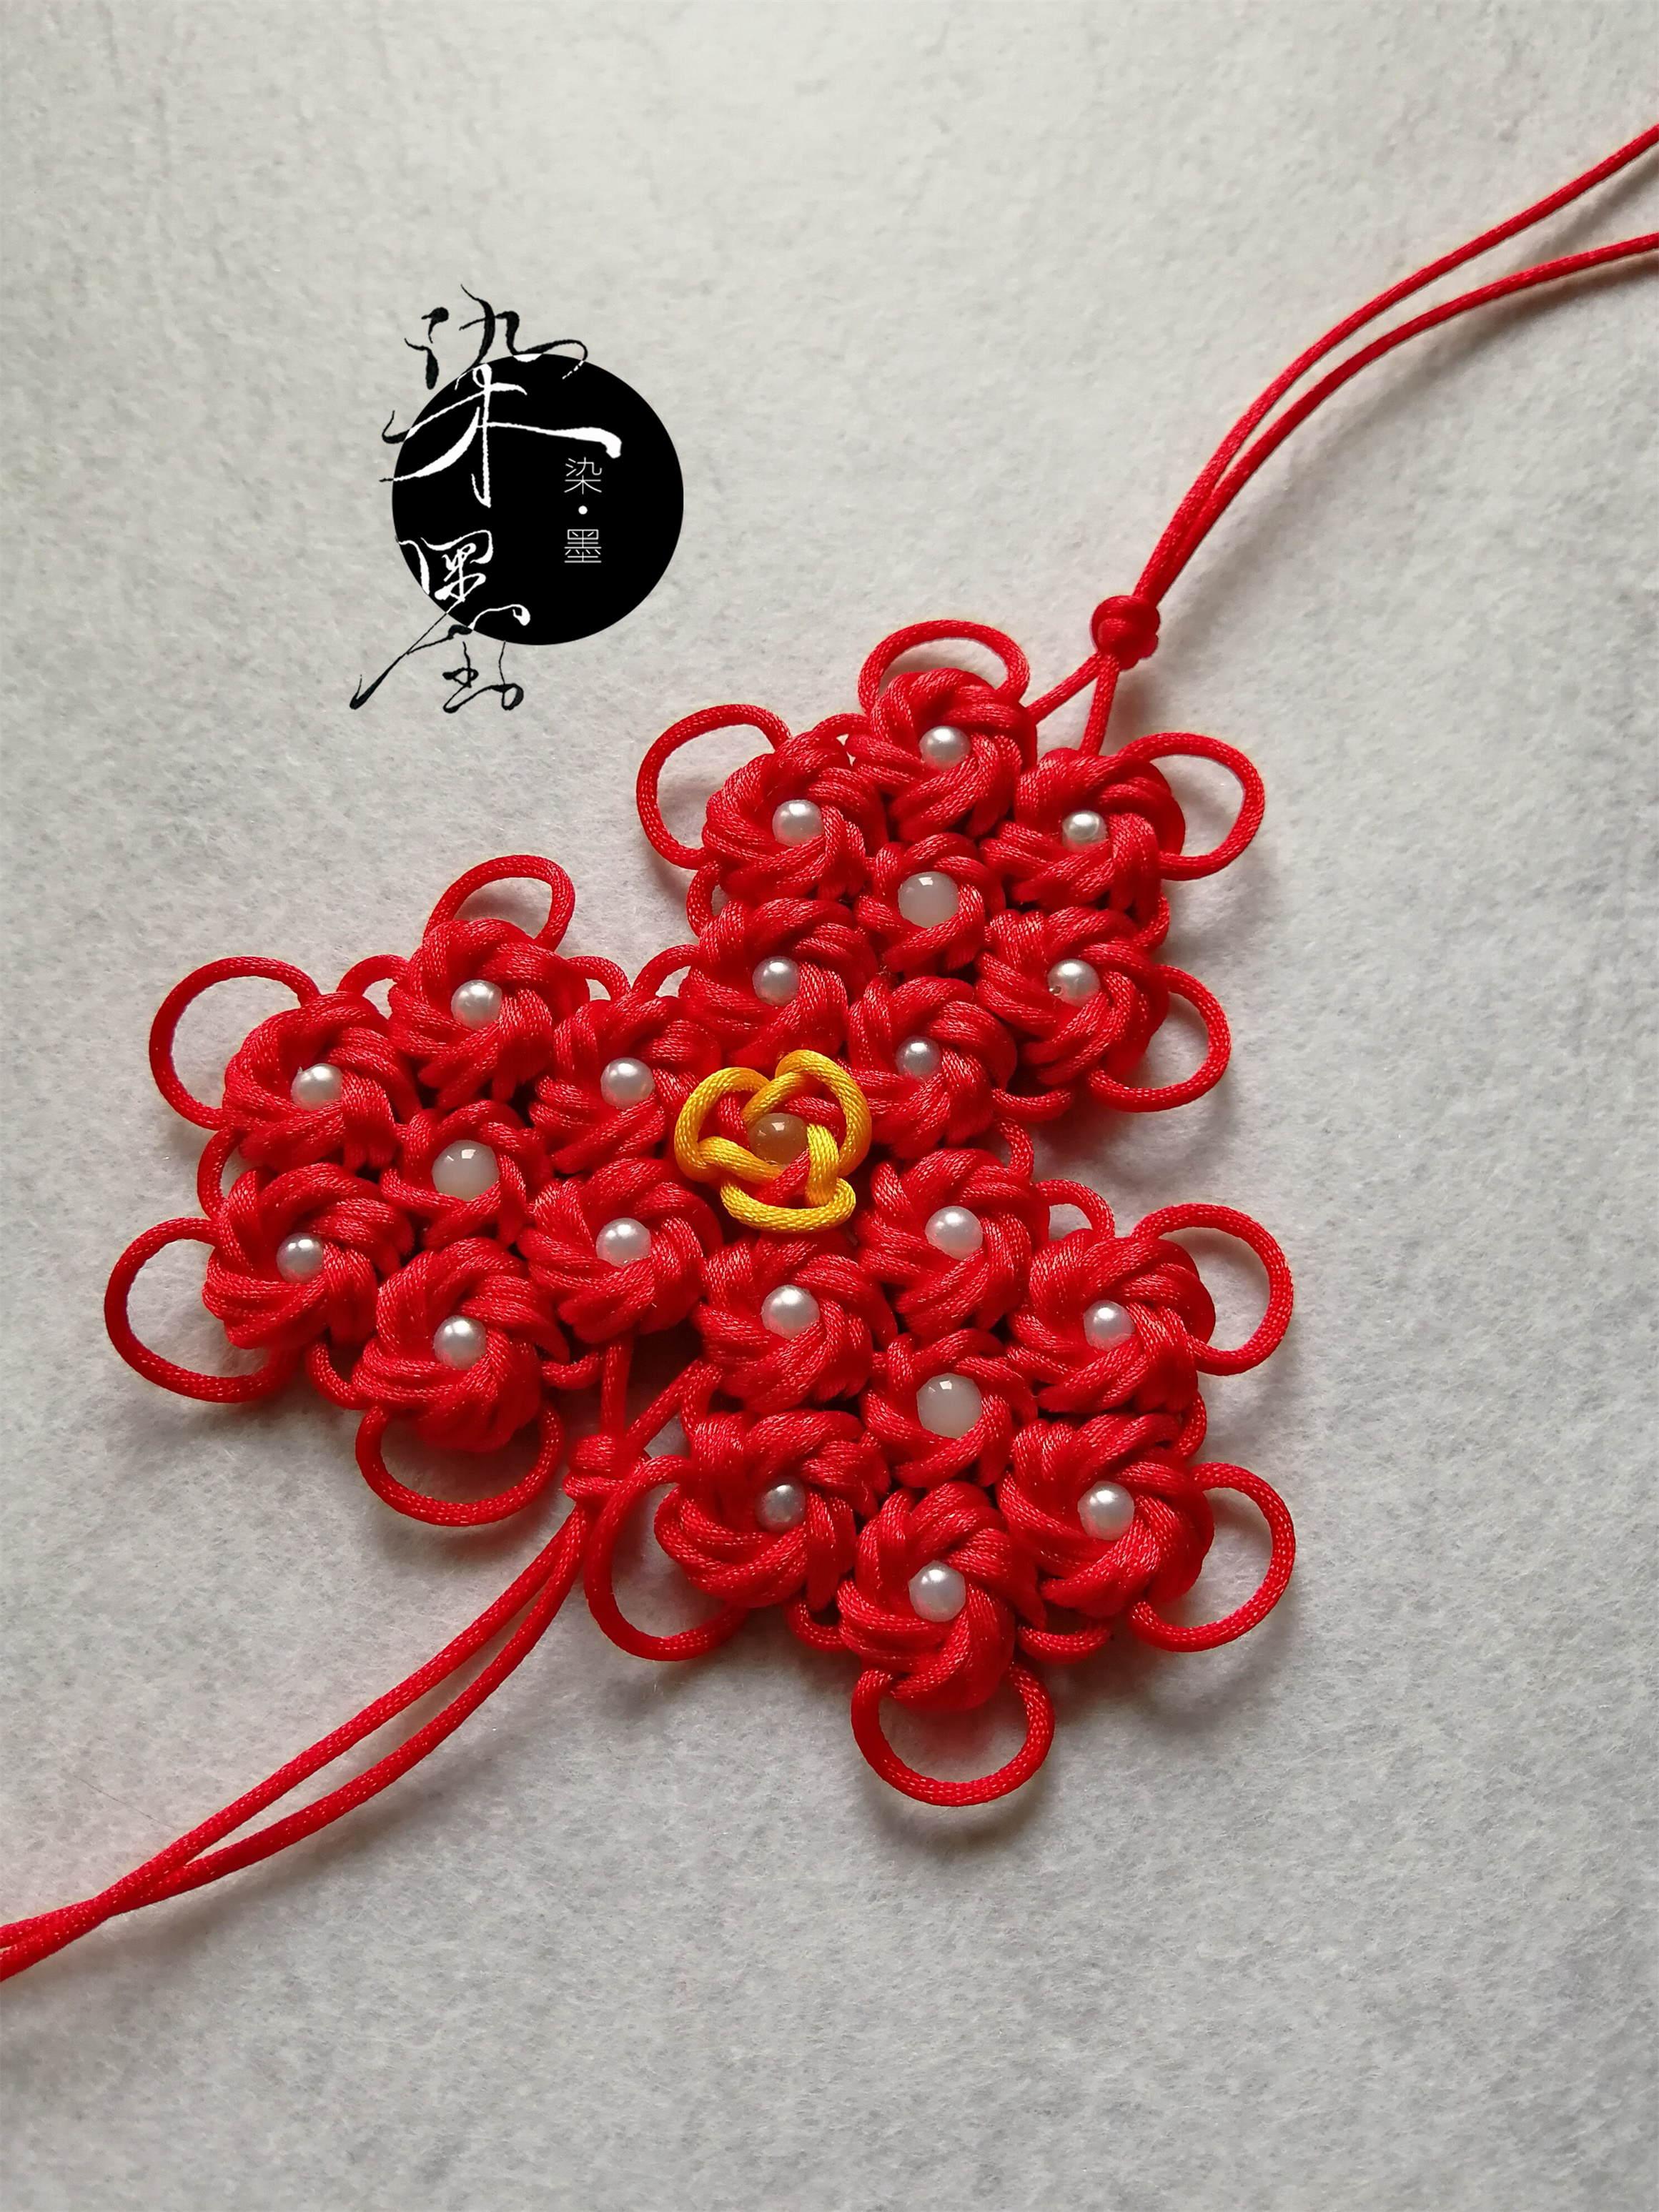 中国结论坛   作品展示 172636mumt1mm8165t6155